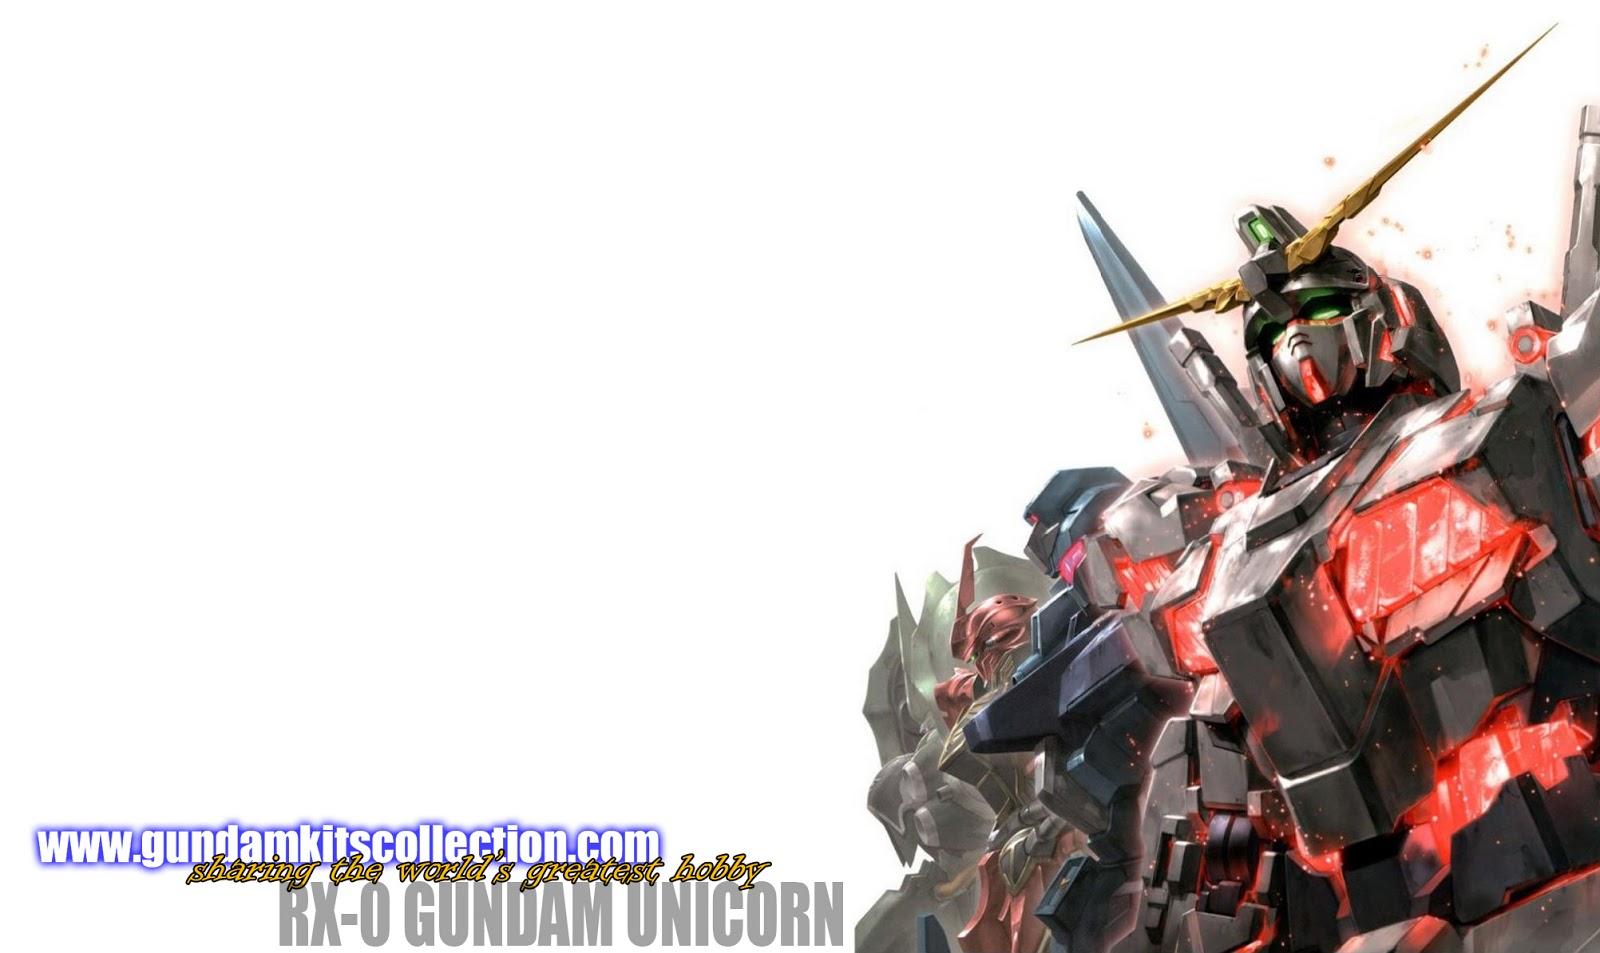 Gundam Unicorn and Banshee Wallpaper - Gundam Kits ...  Gundam